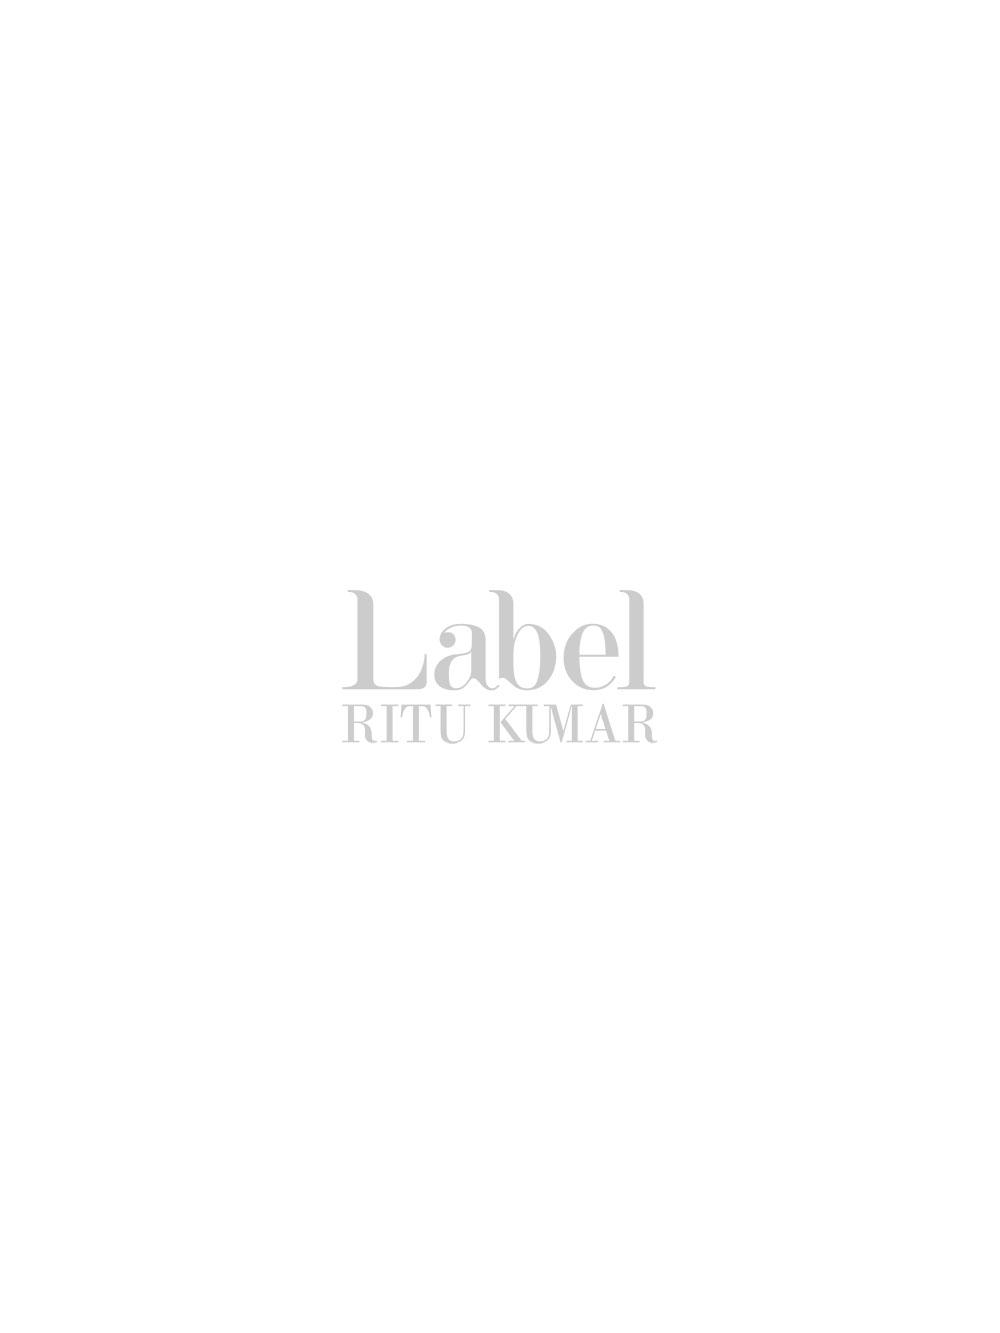 Off White Full Sleeved Short Kurti in Jodhpur Print